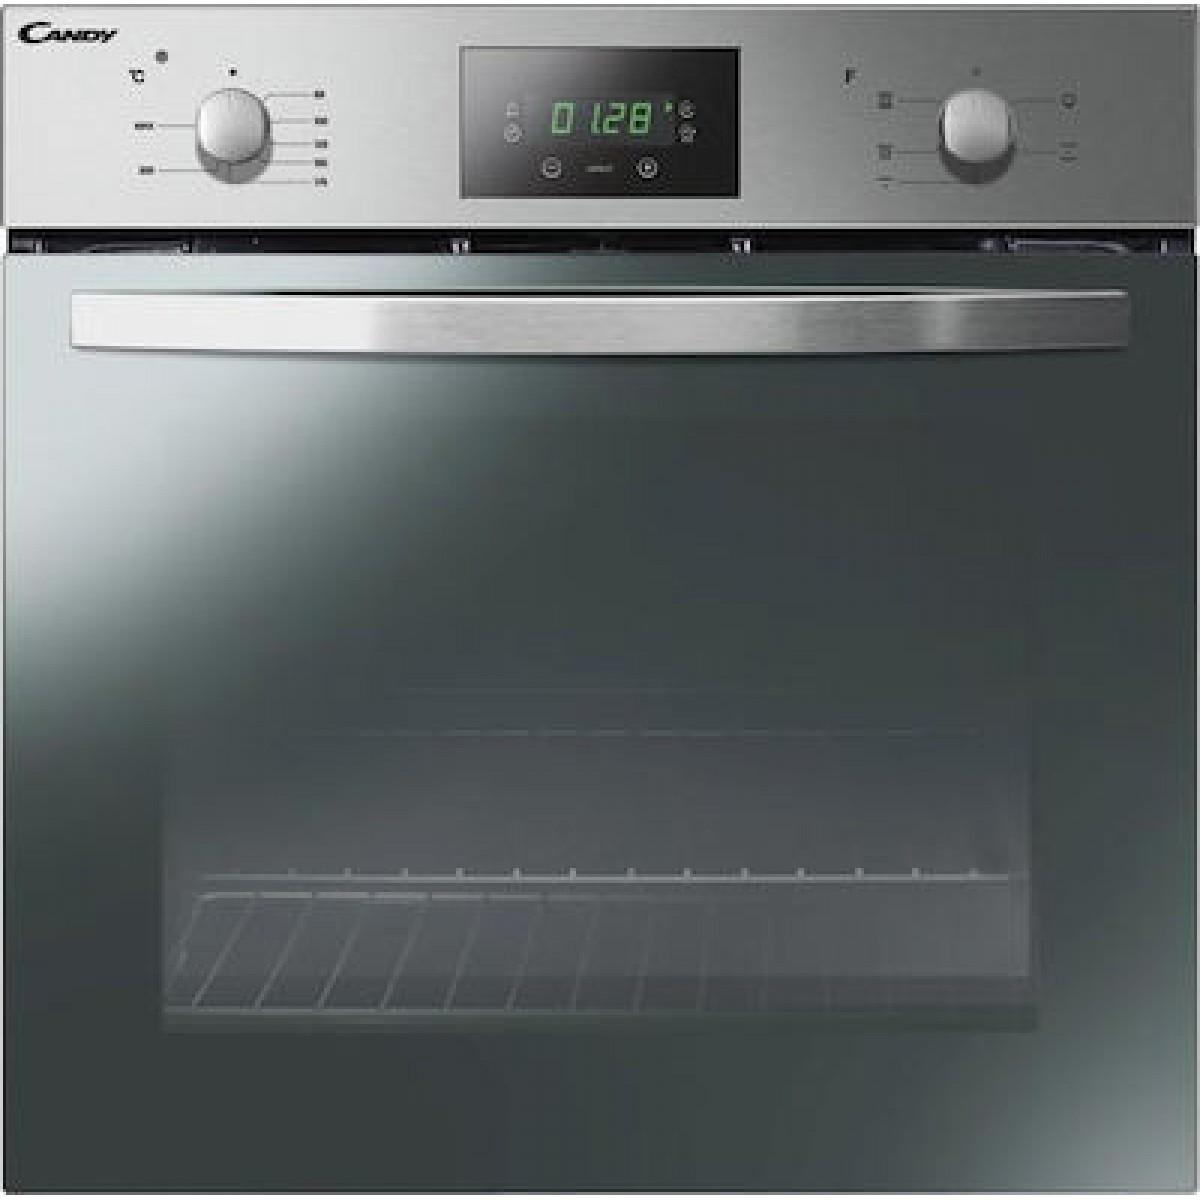 Φούρνος Candy FCS 605 X & Εστίες Κουζίνας Candy CH64CCB Σετ εντοιχισμού